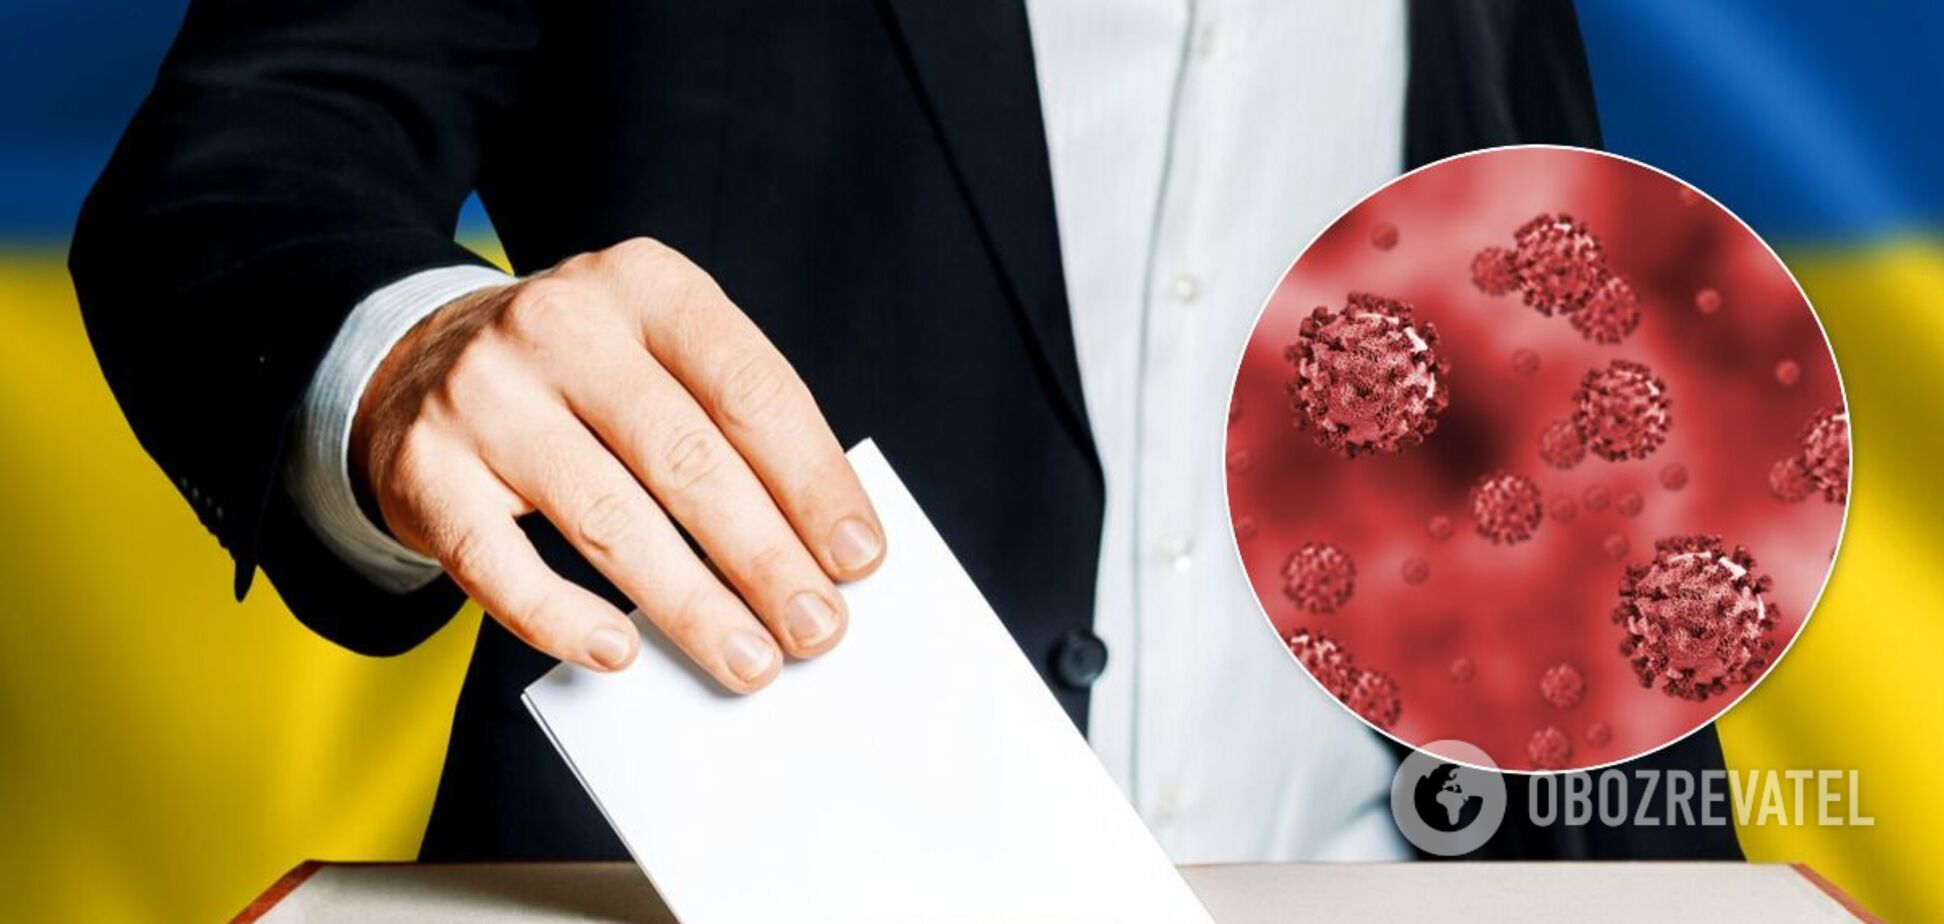 Як голосують хворі на коронавірус на місцевих виборах